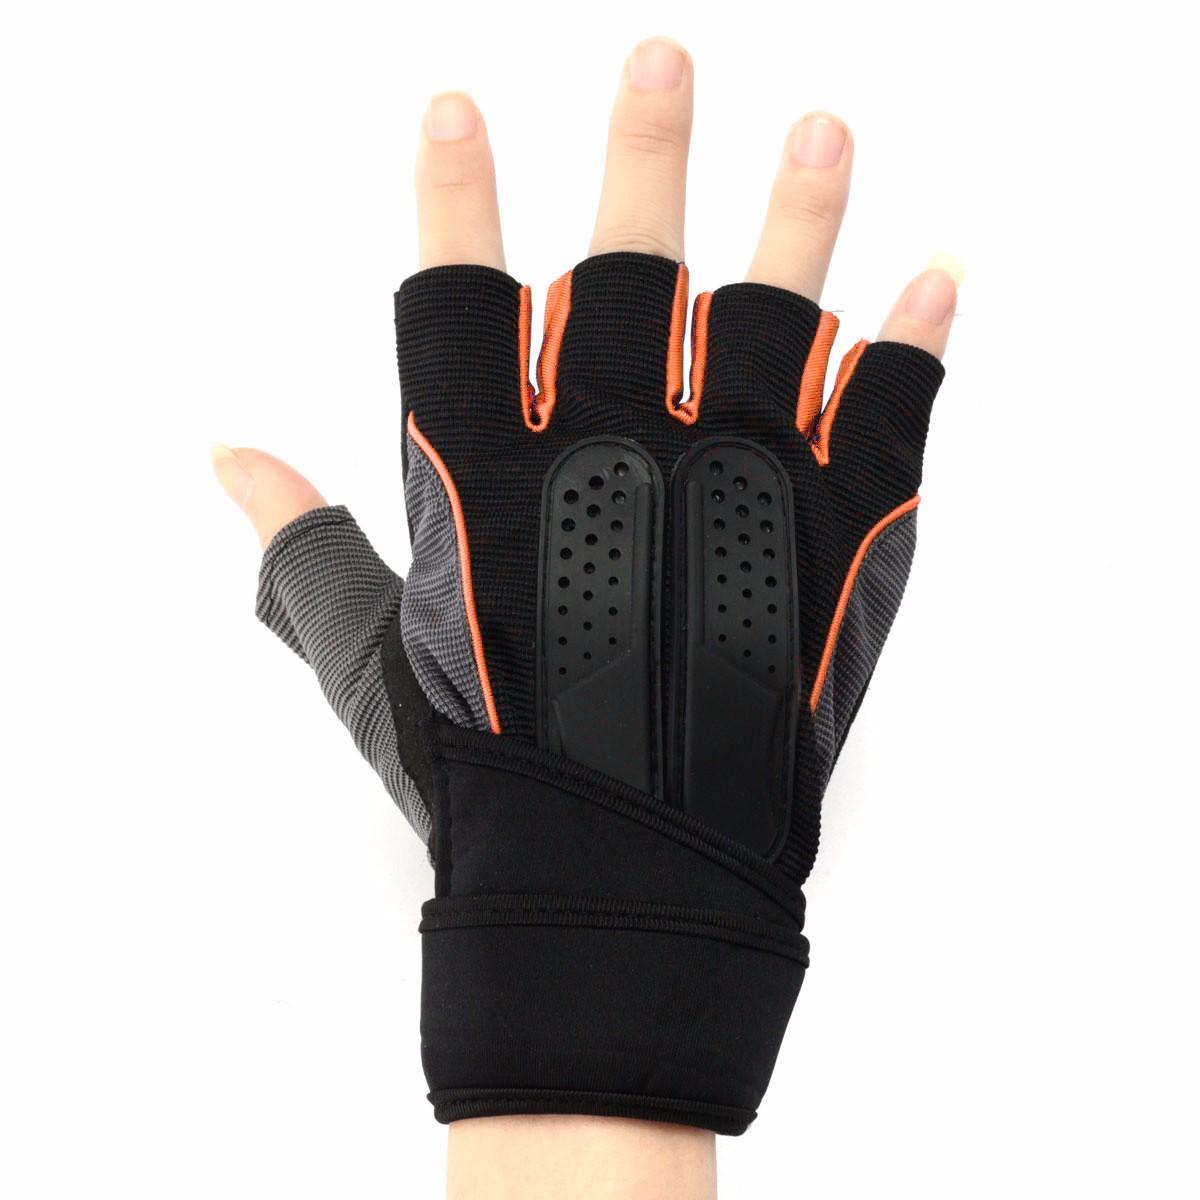 Sport Gloves For Gym: L Men Lifting Half Gloves Gym Fitness Sport Workout